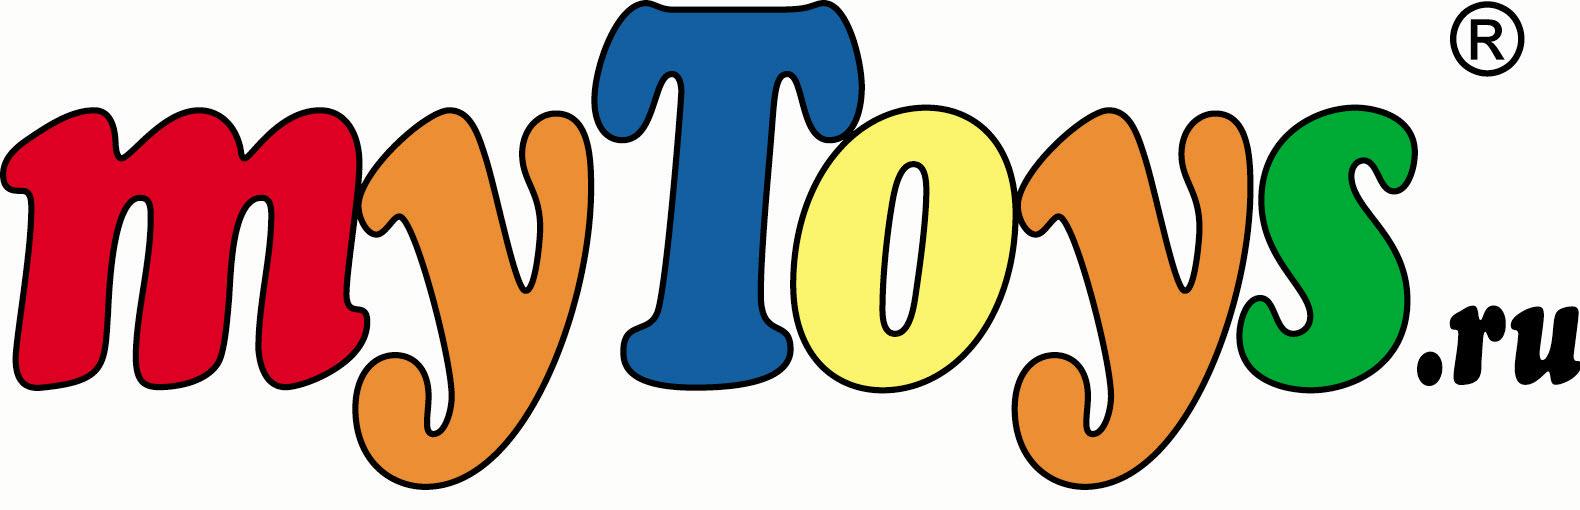 myToys - крупный российский интернет-магазин по продаже детских игрушек и вещей